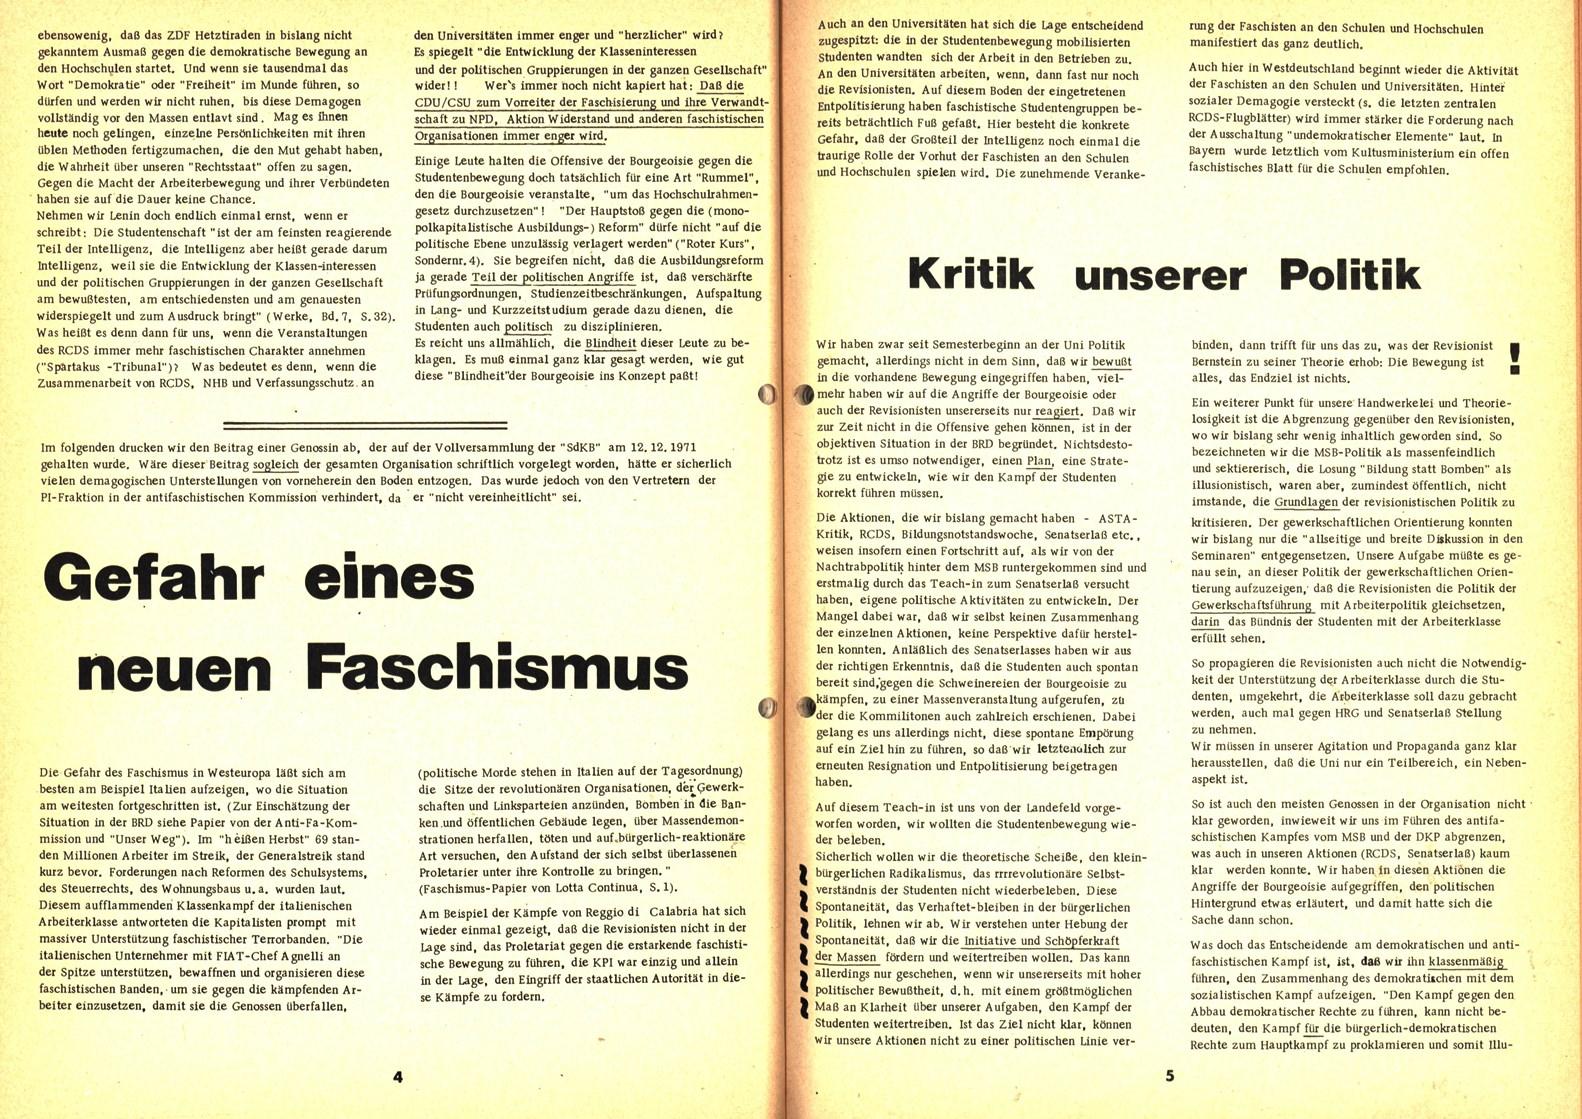 KB_Unser_Weg_19720200_03